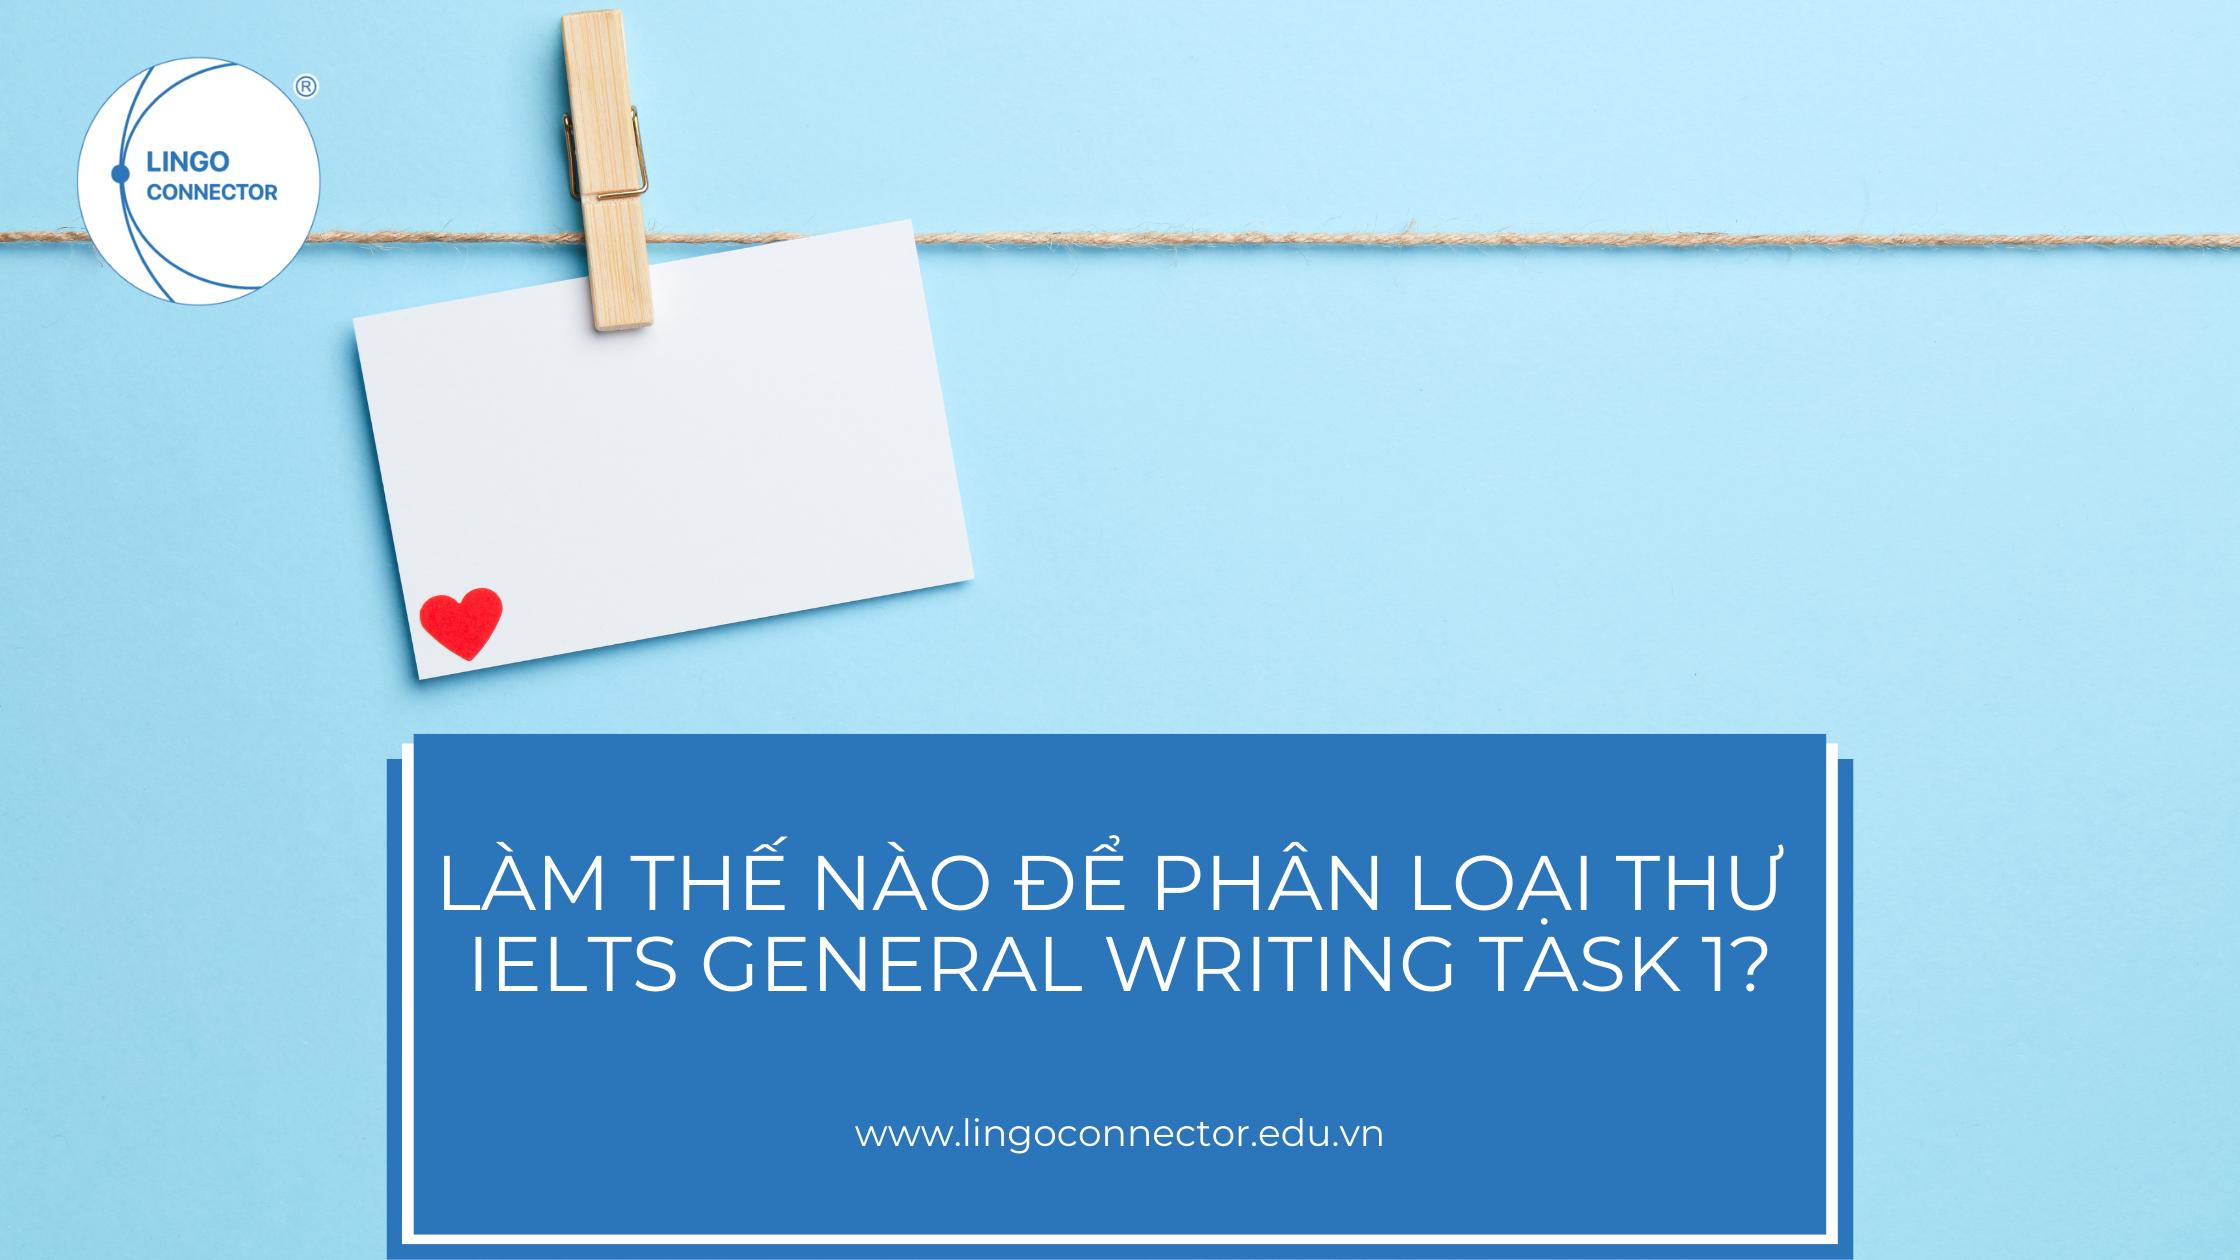 LÀM THẾ NÀO ĐỂ PH N LOẠI THƯ TRONG IELTS GENERAL WRITING TASK 1?